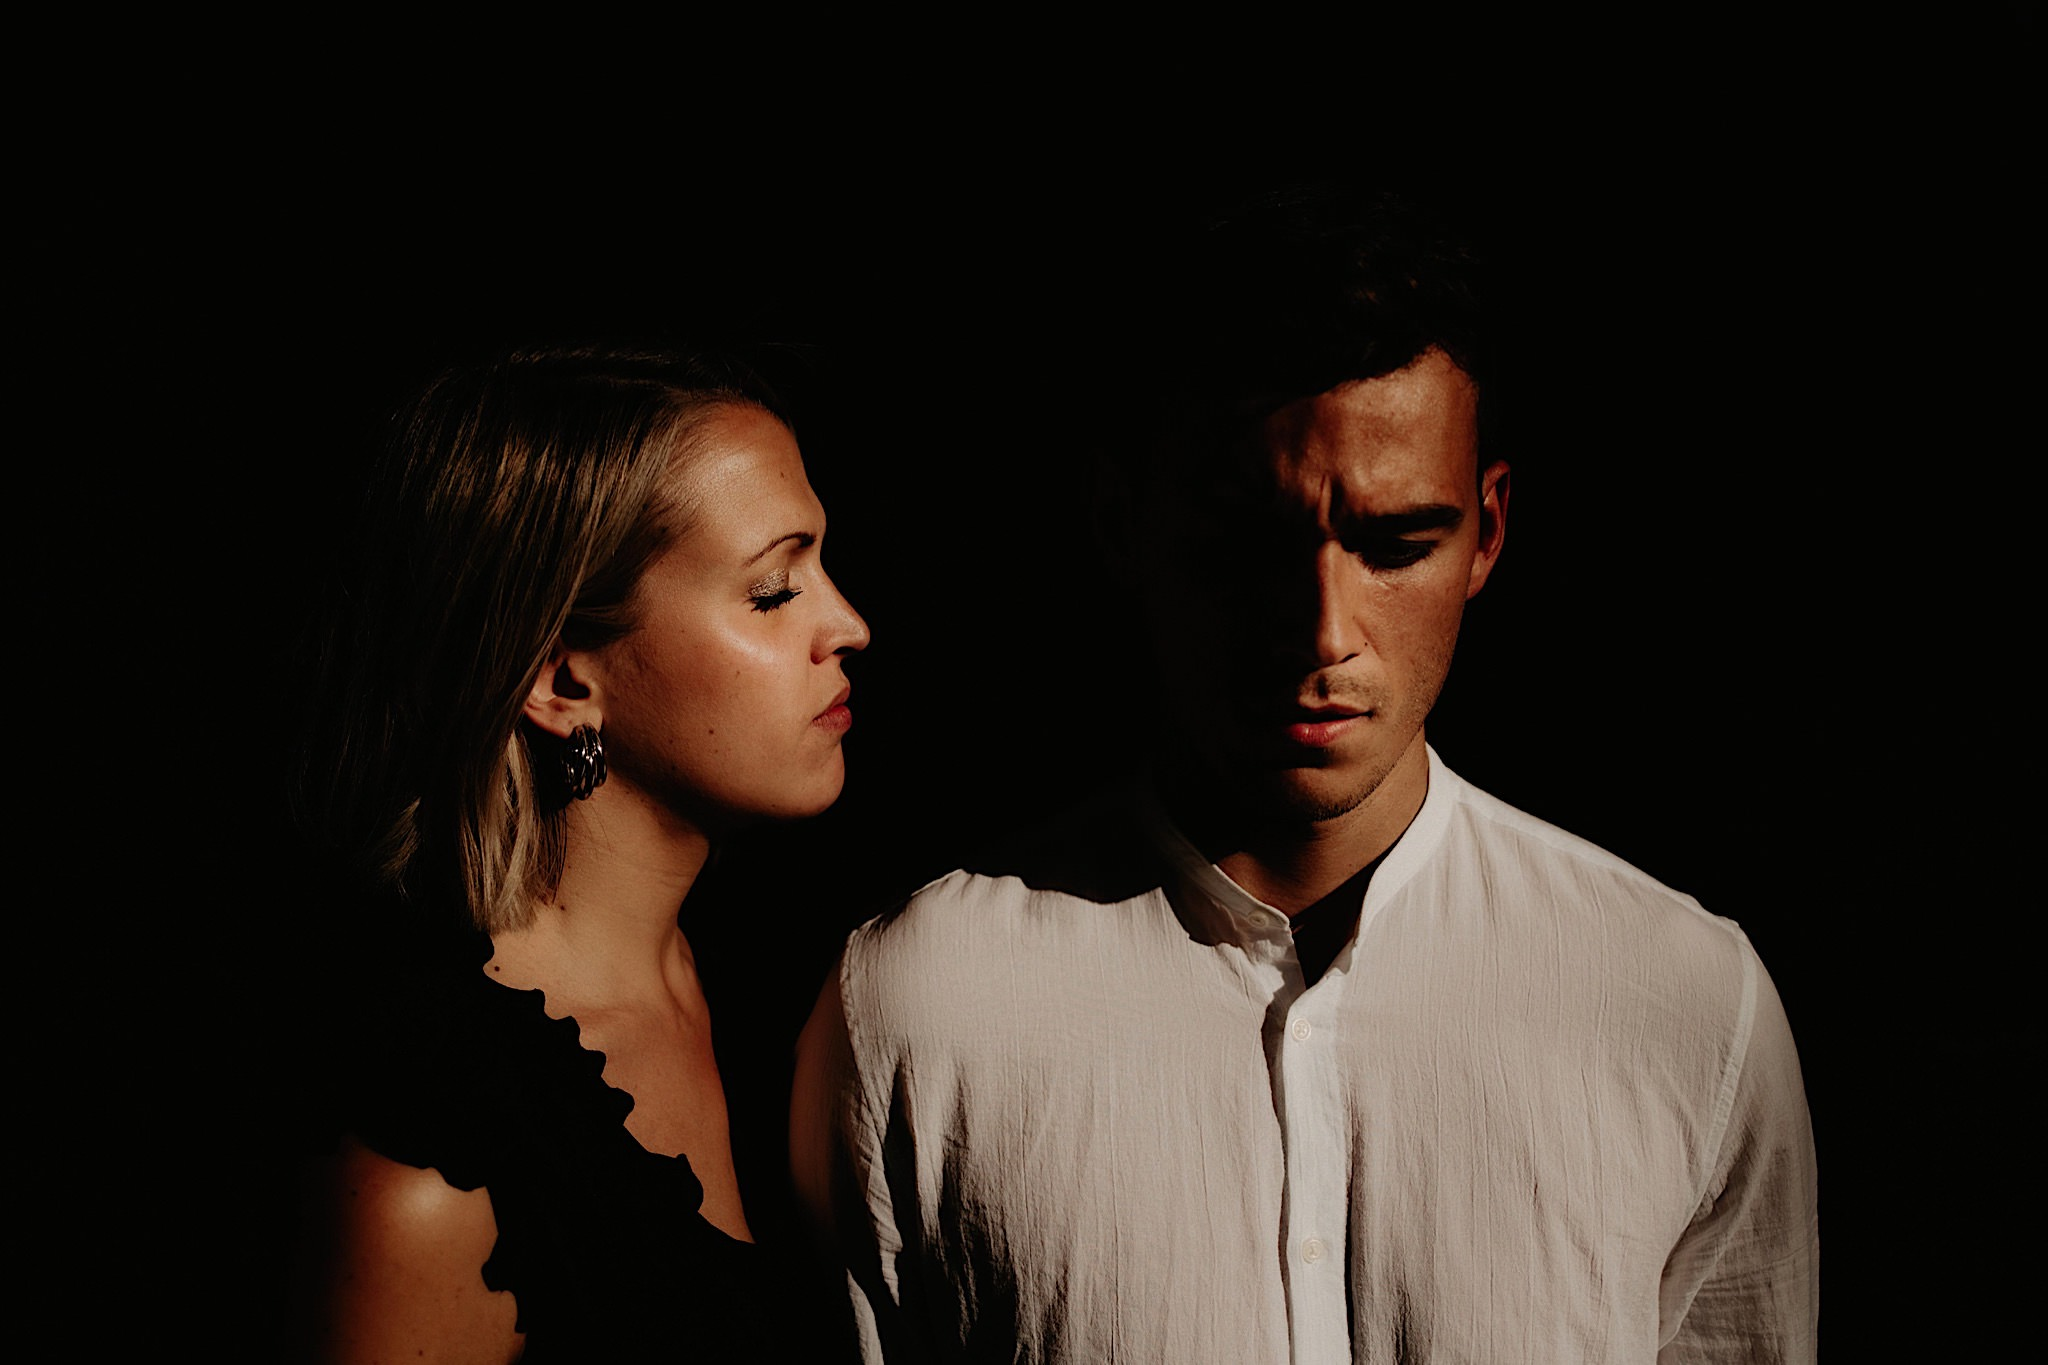 12_venezia_tramonto_matrimonio_proposta